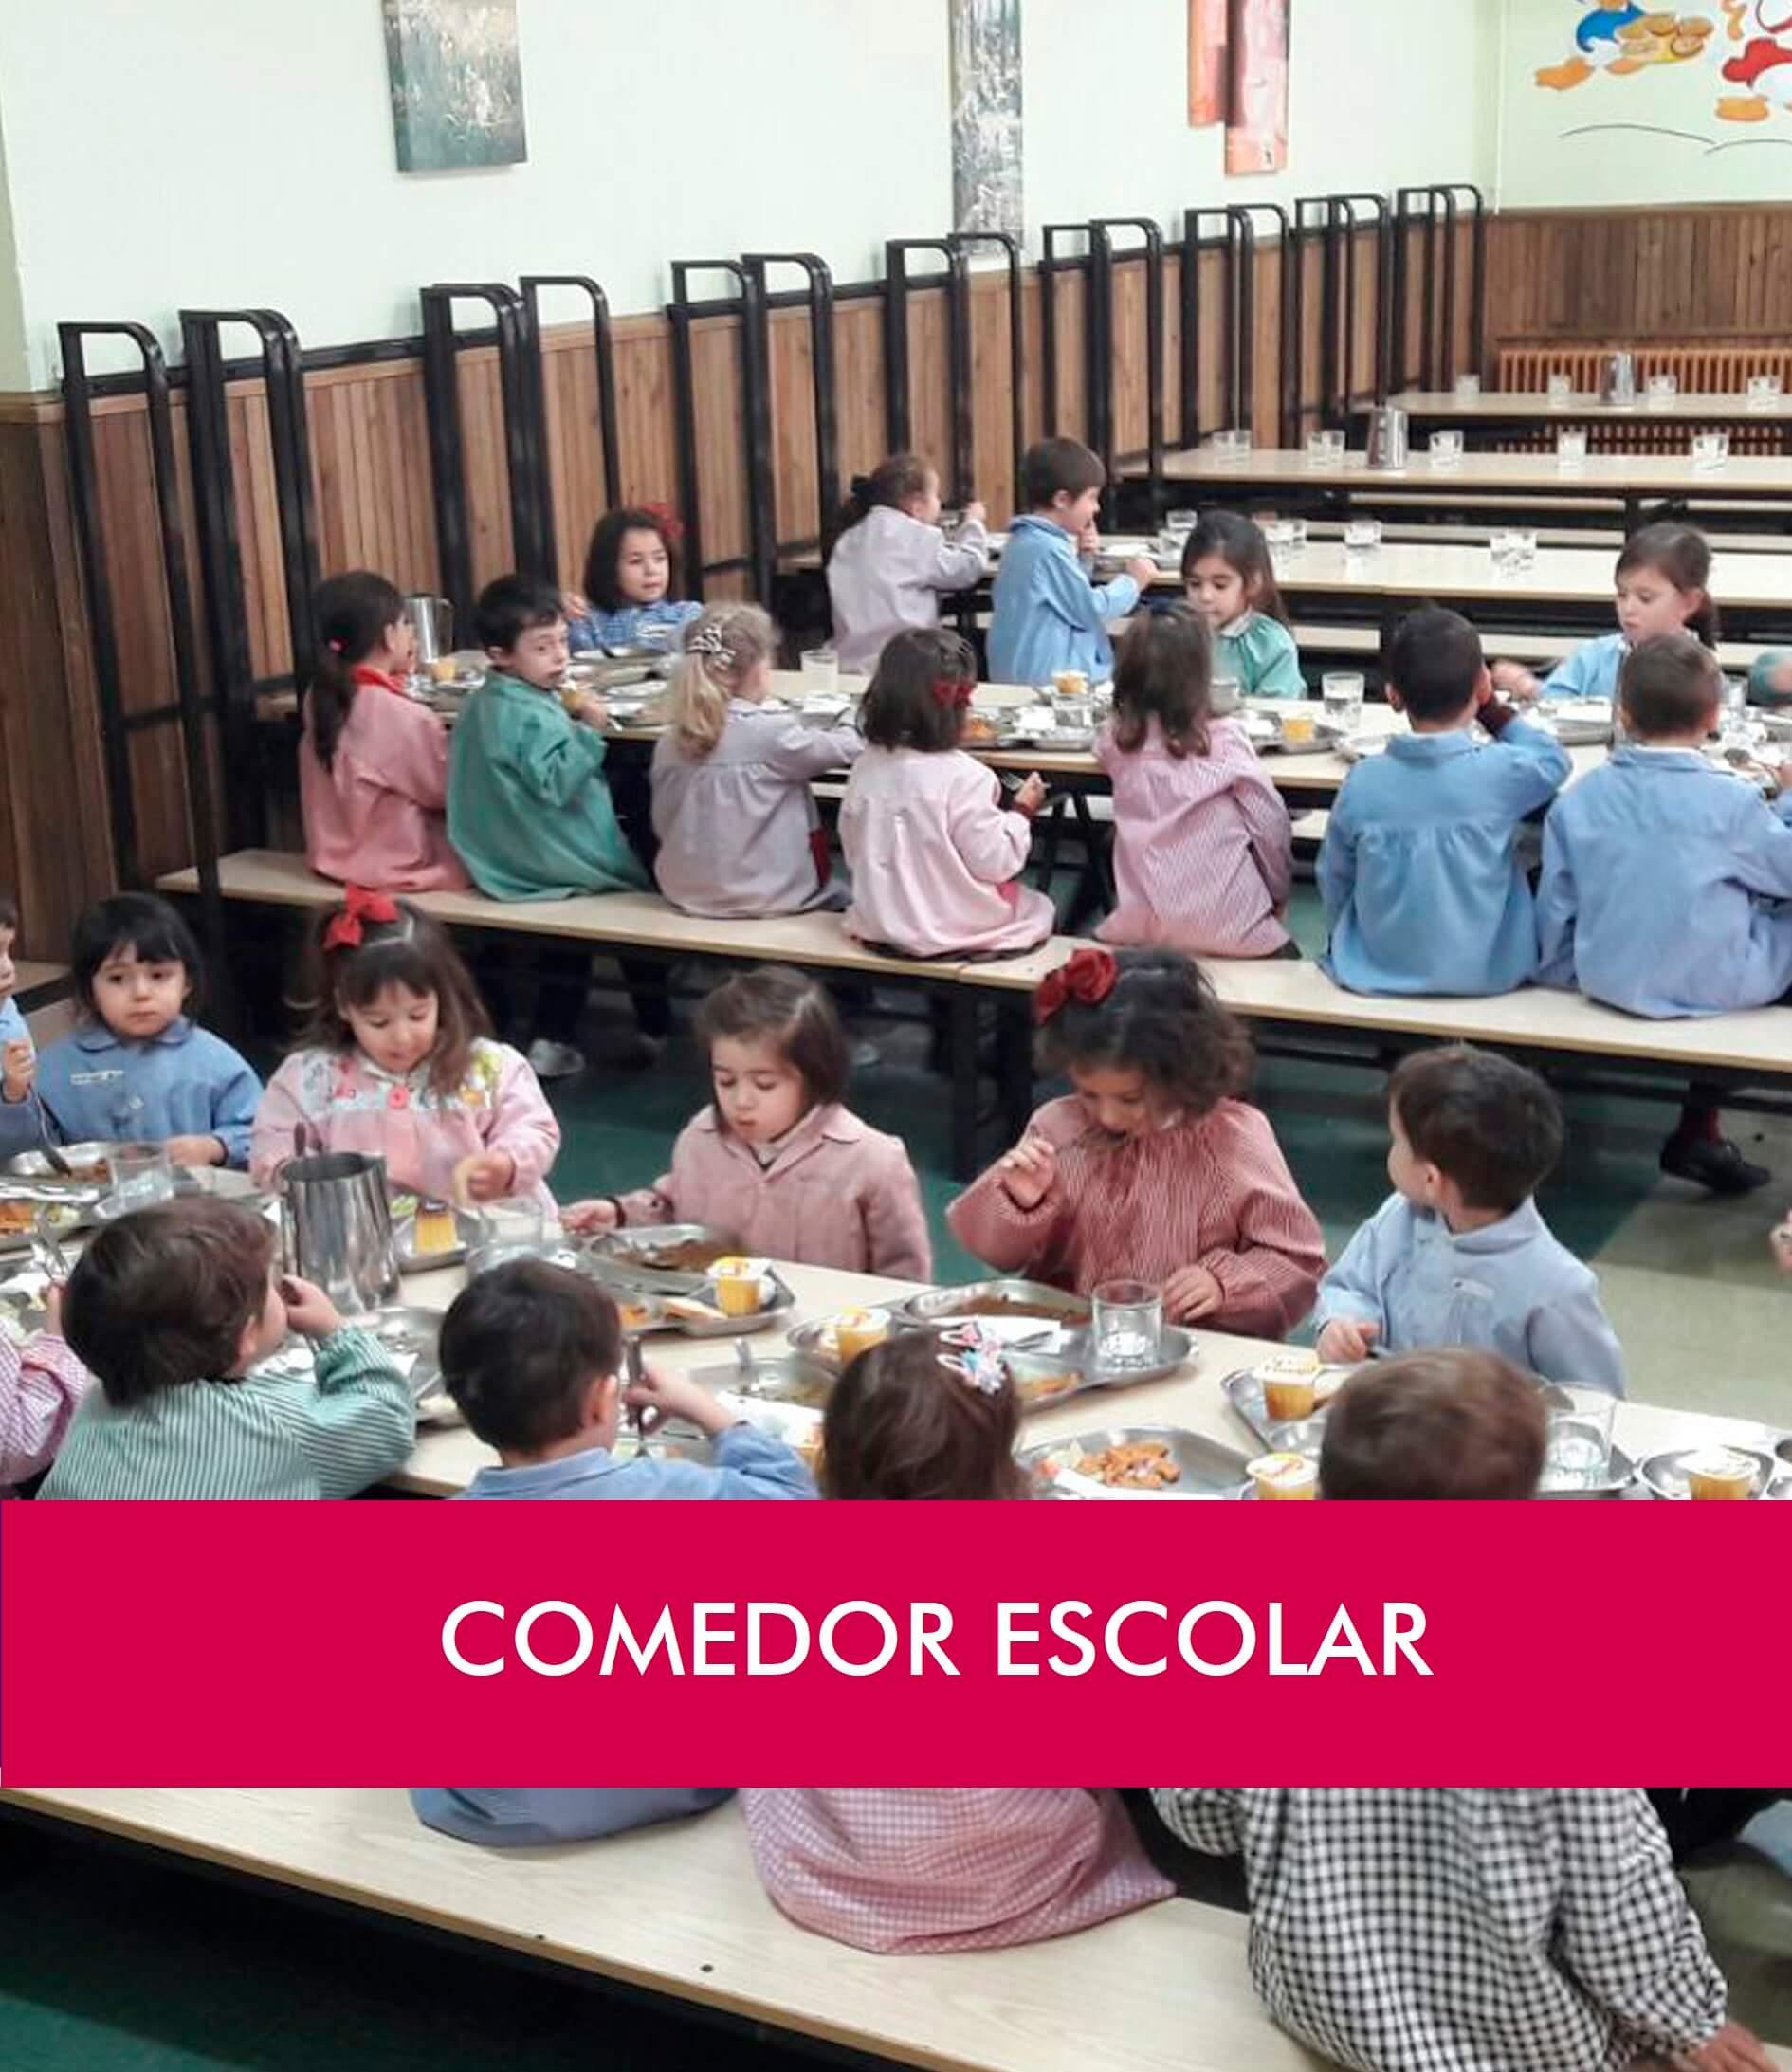 Colegio diocesano san ignacio - Comedor escolar en ingles ...